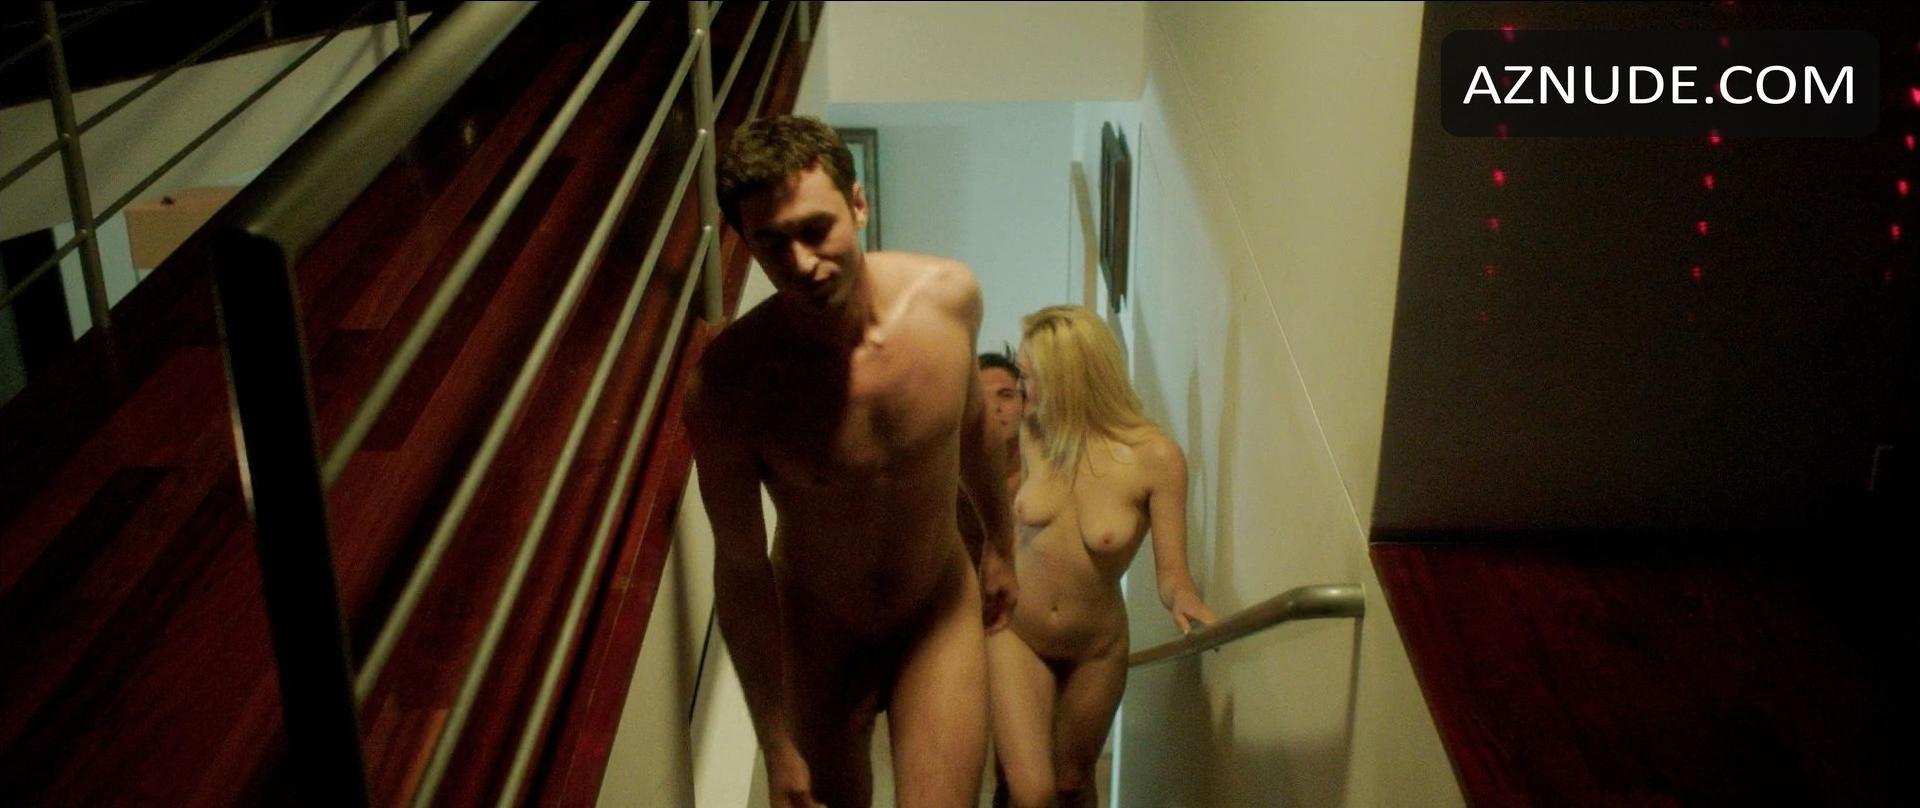 Porno girl ass spread